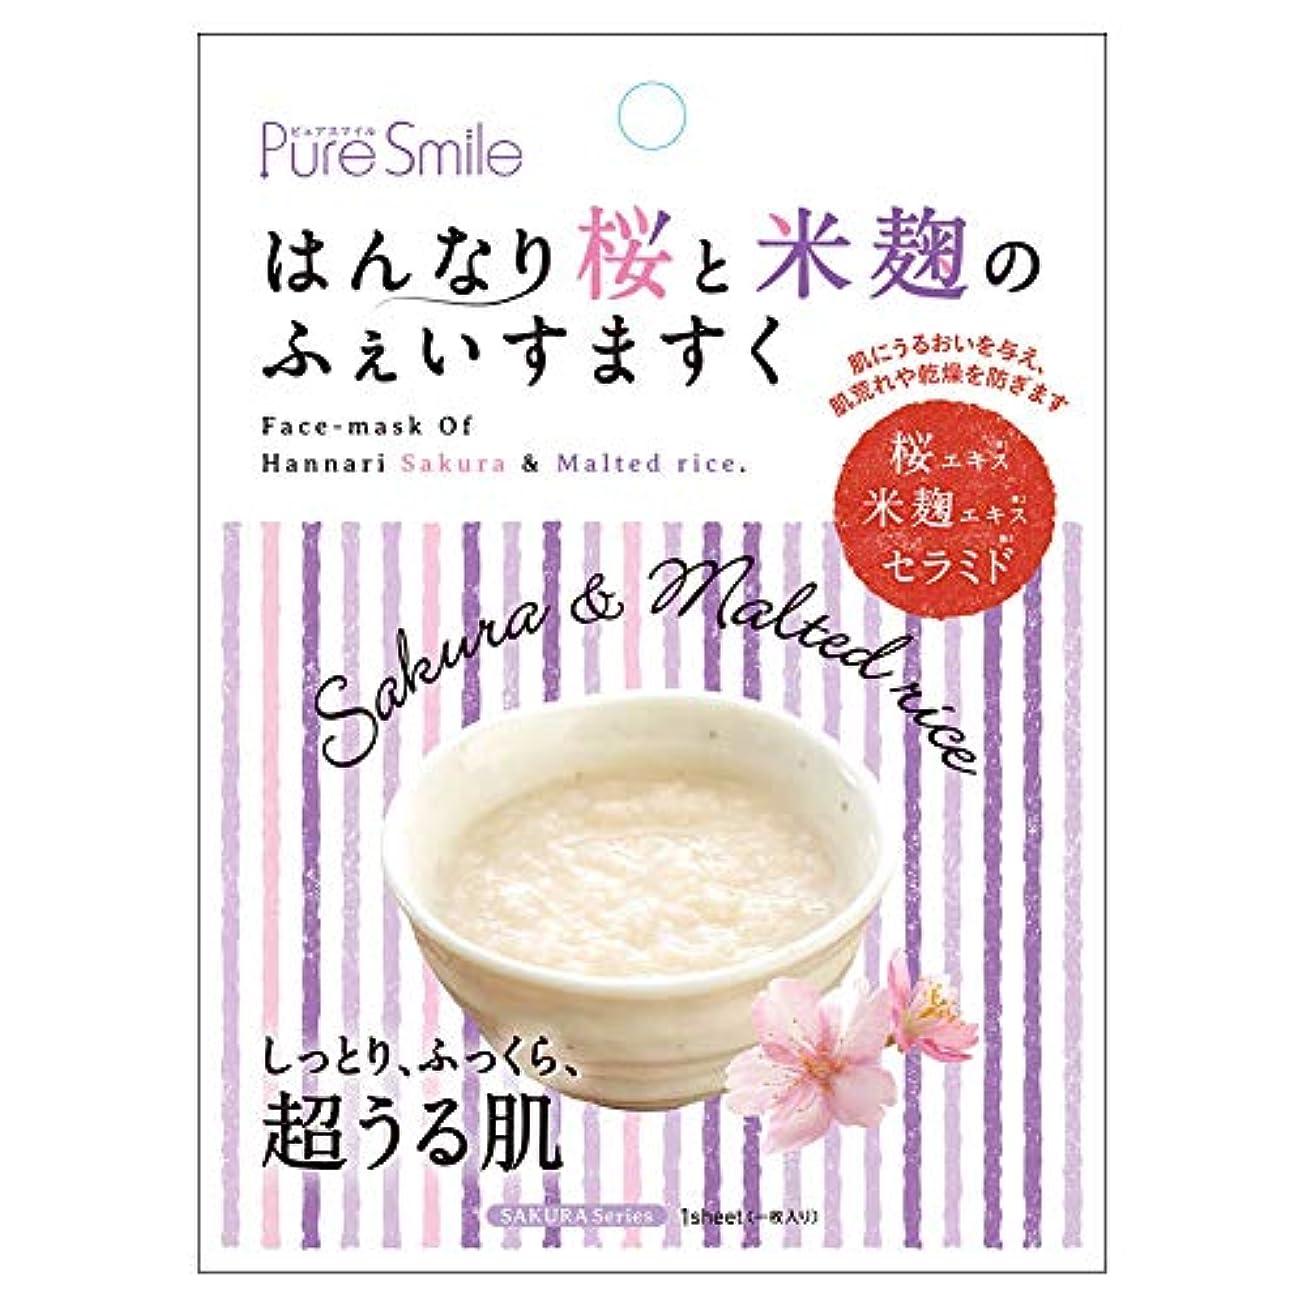 アイスクリームナンセンスうぬぼれPure Smile ピュアスマイル サクラエッセンスマスク SR02 はんなり桜と米麹